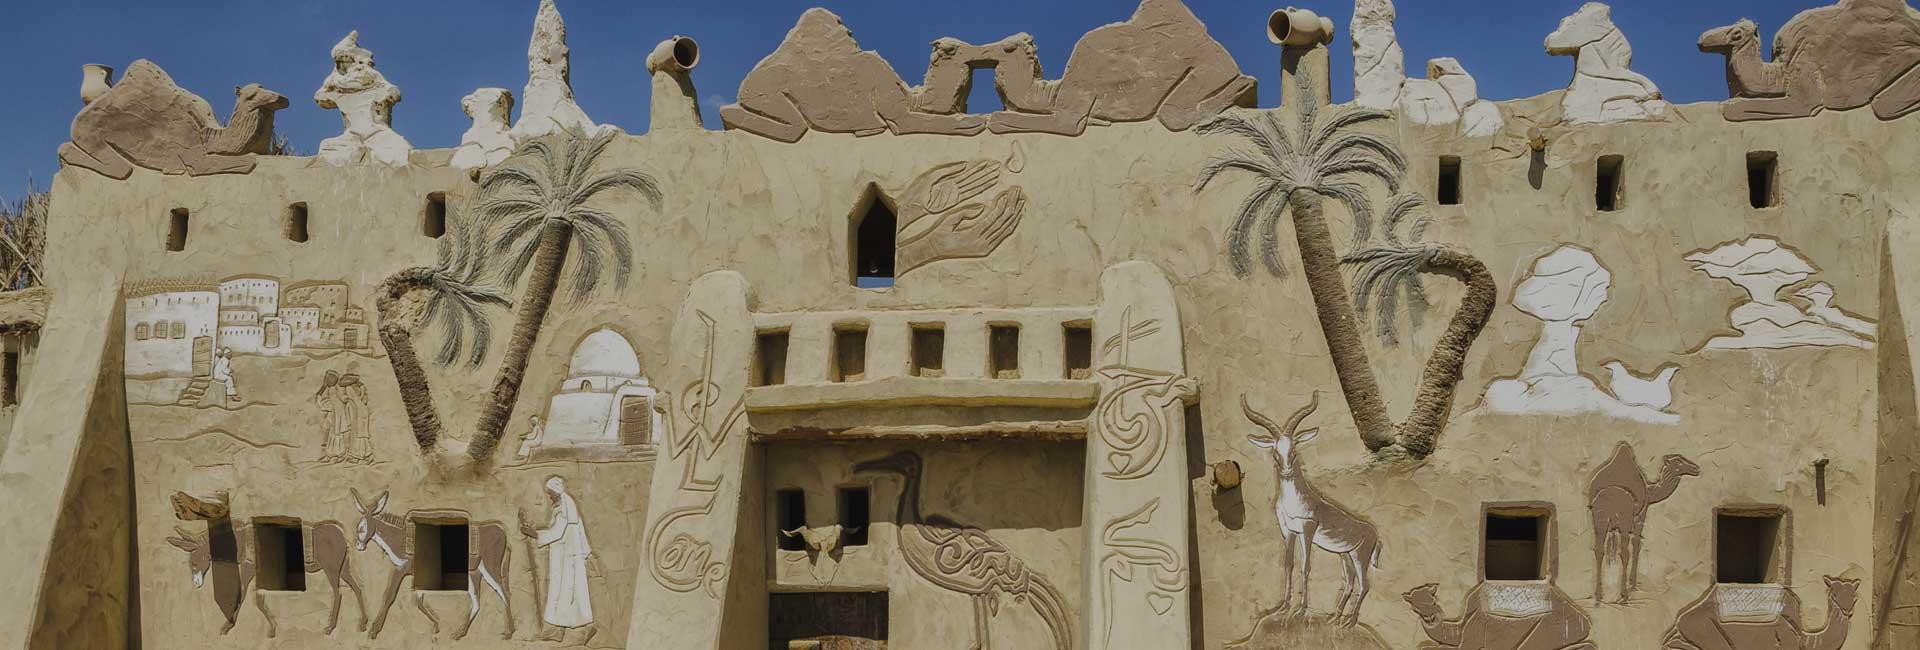 Badr Museum